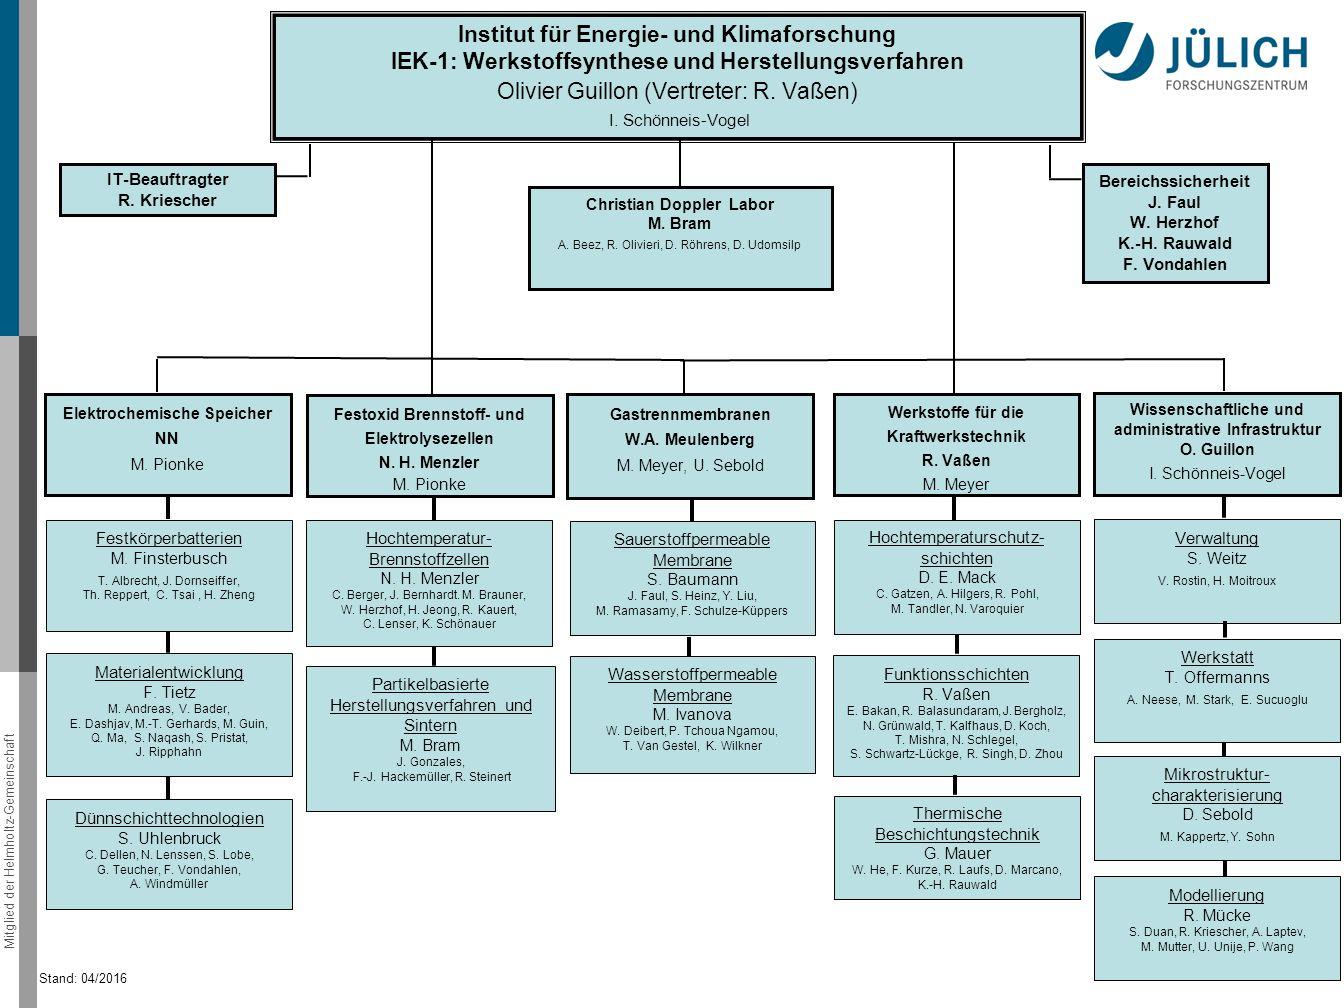 Mitglied der Helmholtz-Gemeinschaft Institut für Energie- und Klimaforschung IEK-1: Werkstoffsynthese und Herstellungsverfahren Olivier Guillon (Vertr